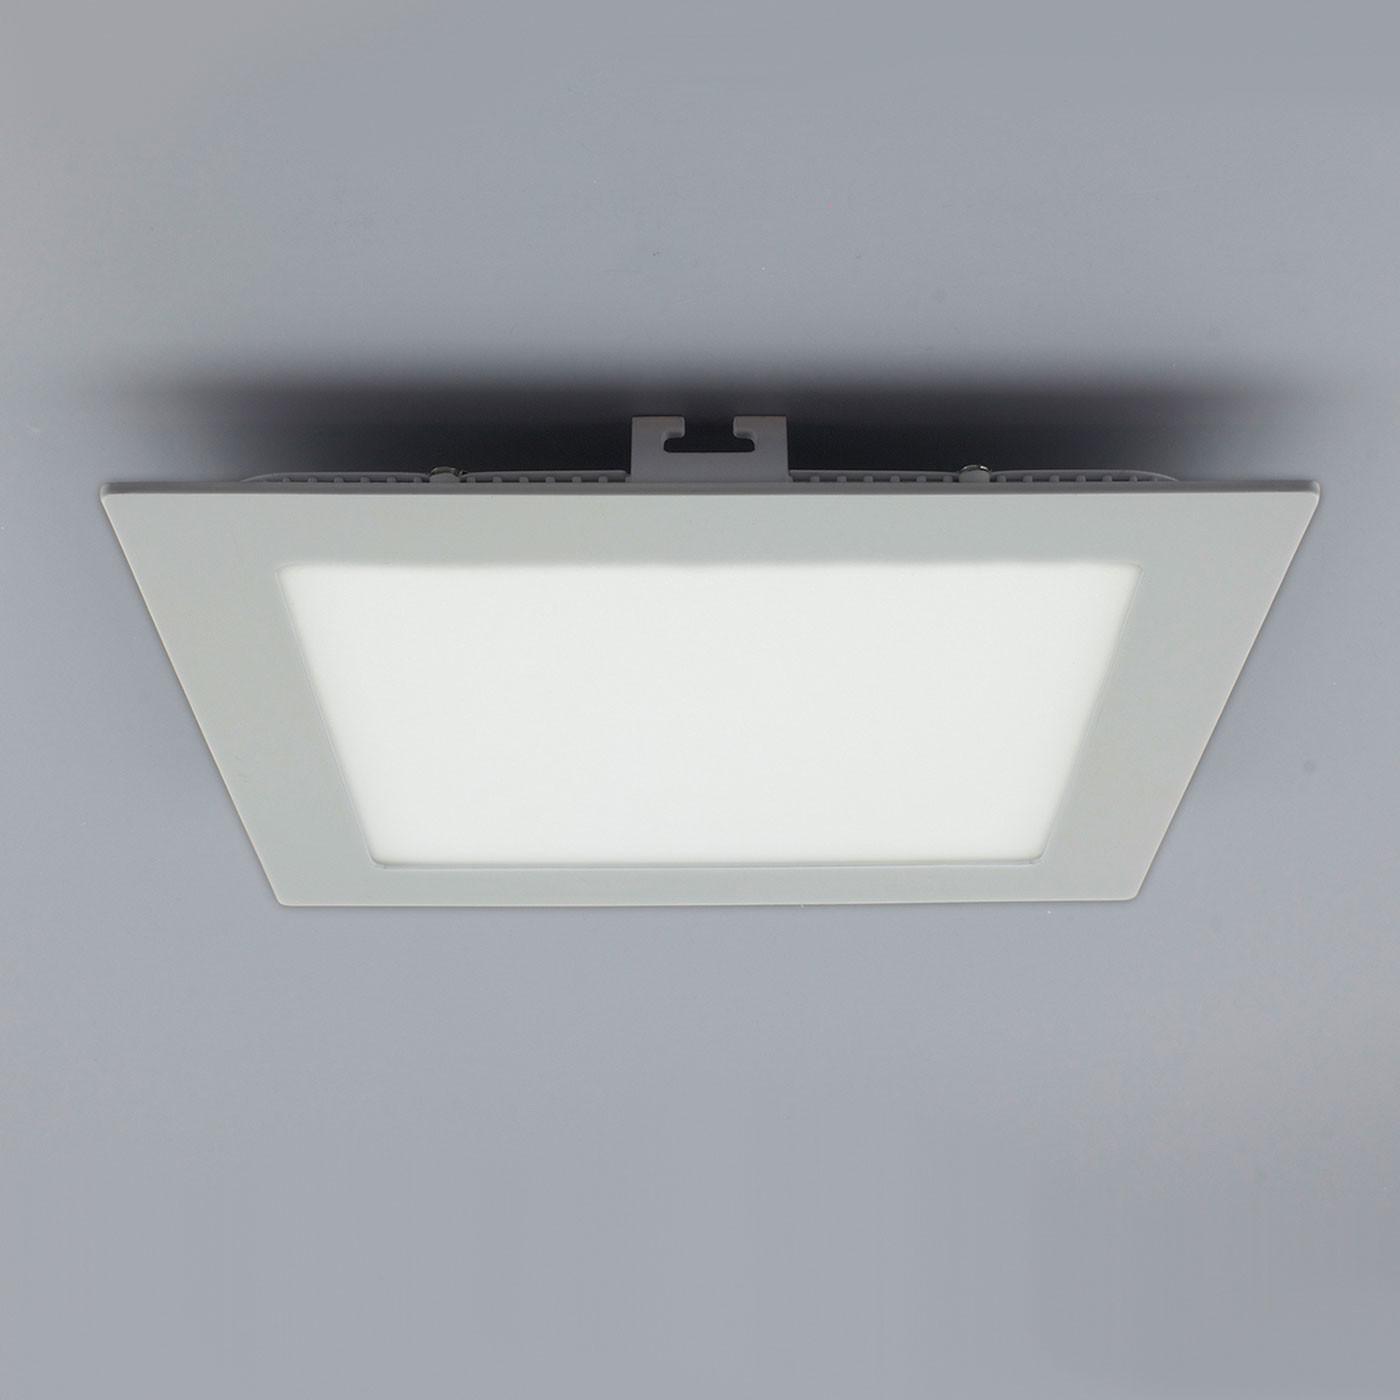 licht design 30552 einbau led panel 960 lumen 17x17 cm warm silber kaufen bei licht. Black Bedroom Furniture Sets. Home Design Ideas